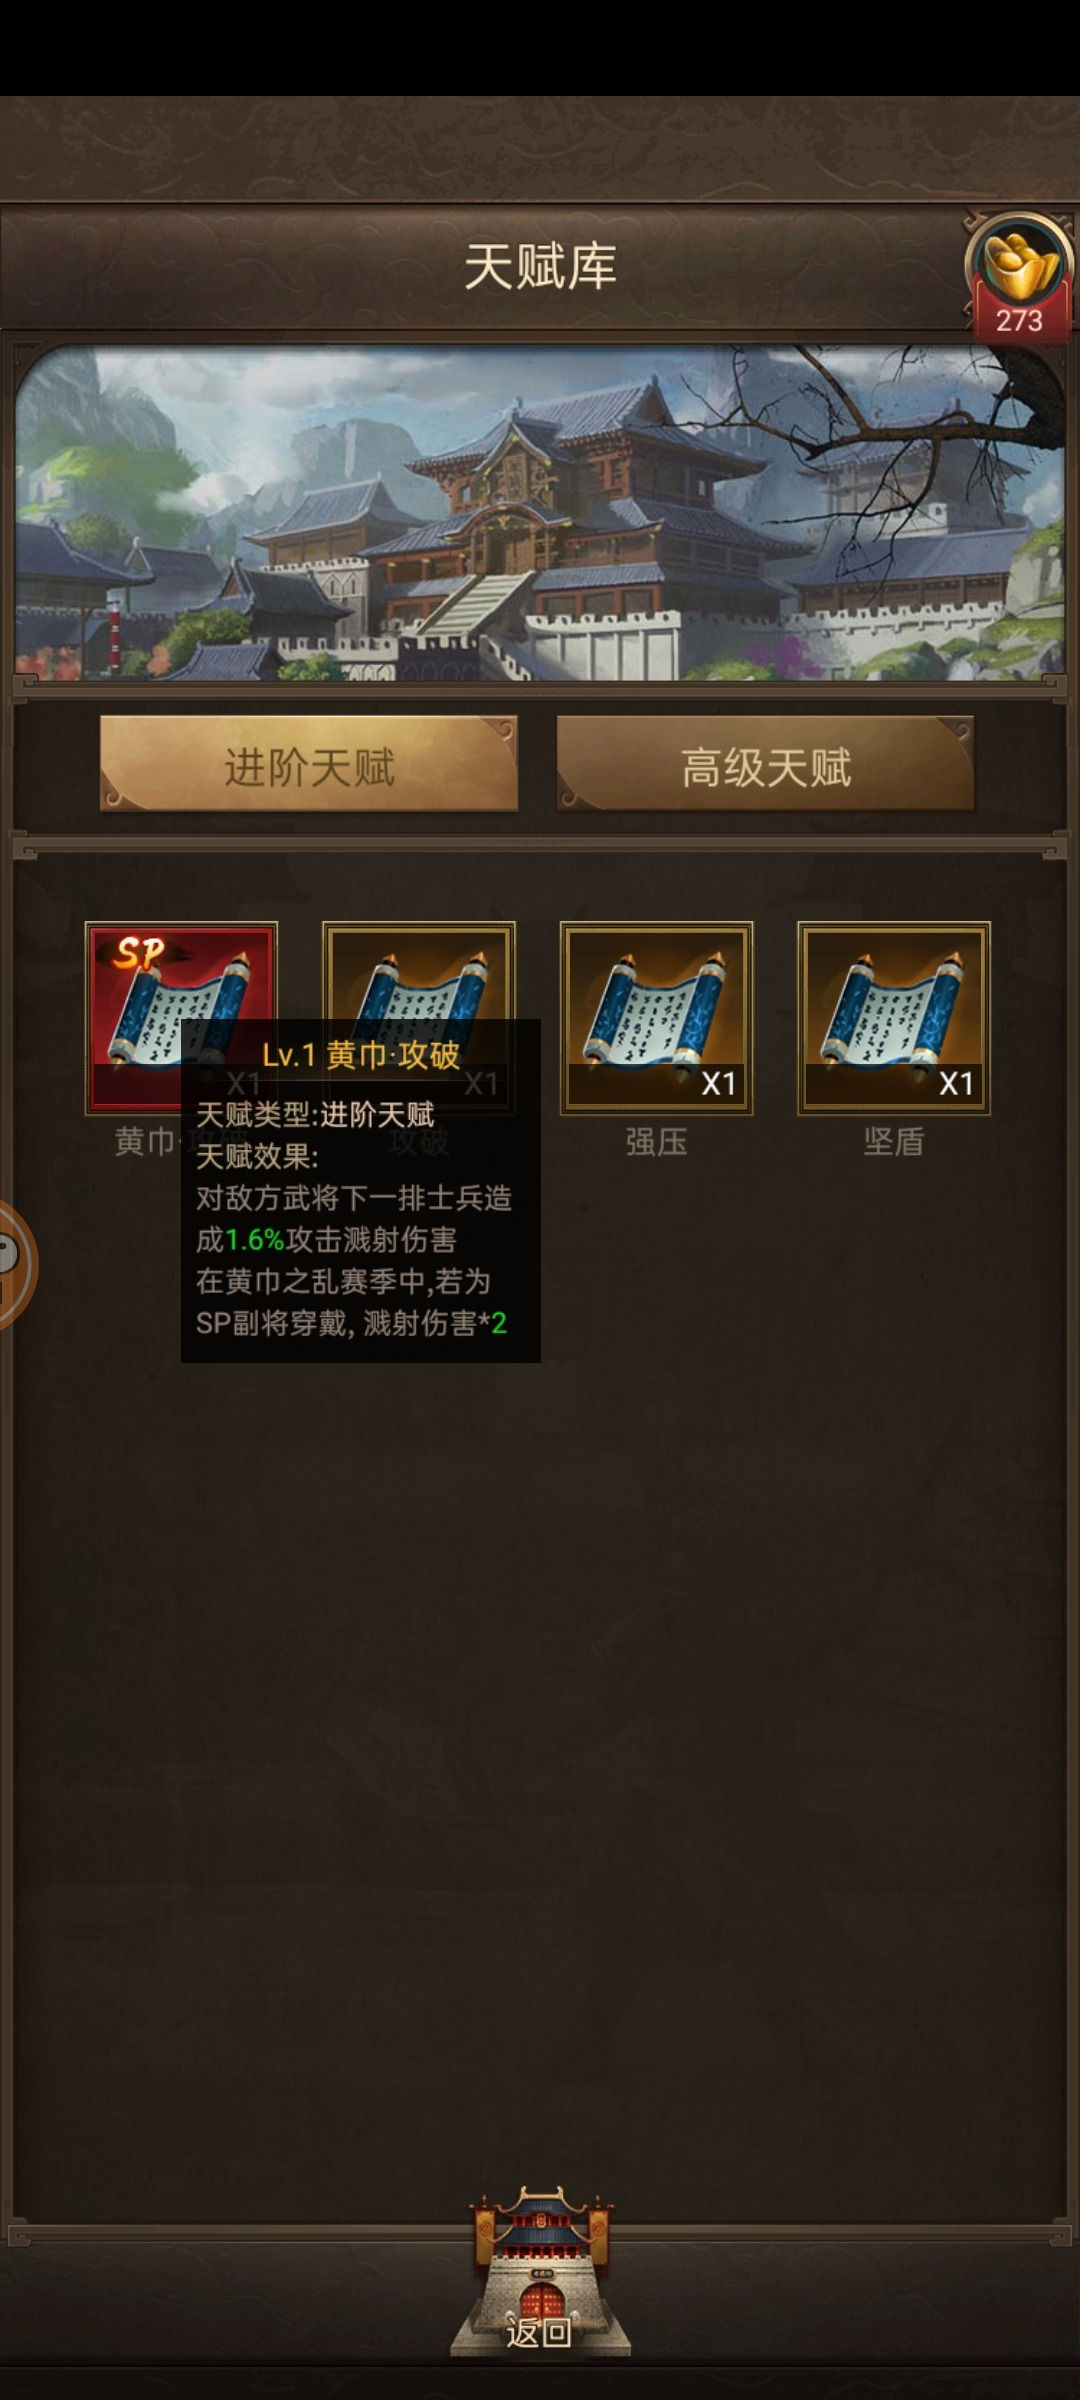 Screenshot_2020-02-18-00-21-06-21_2ca782289a69d98352866d89dbc343a1.jpg